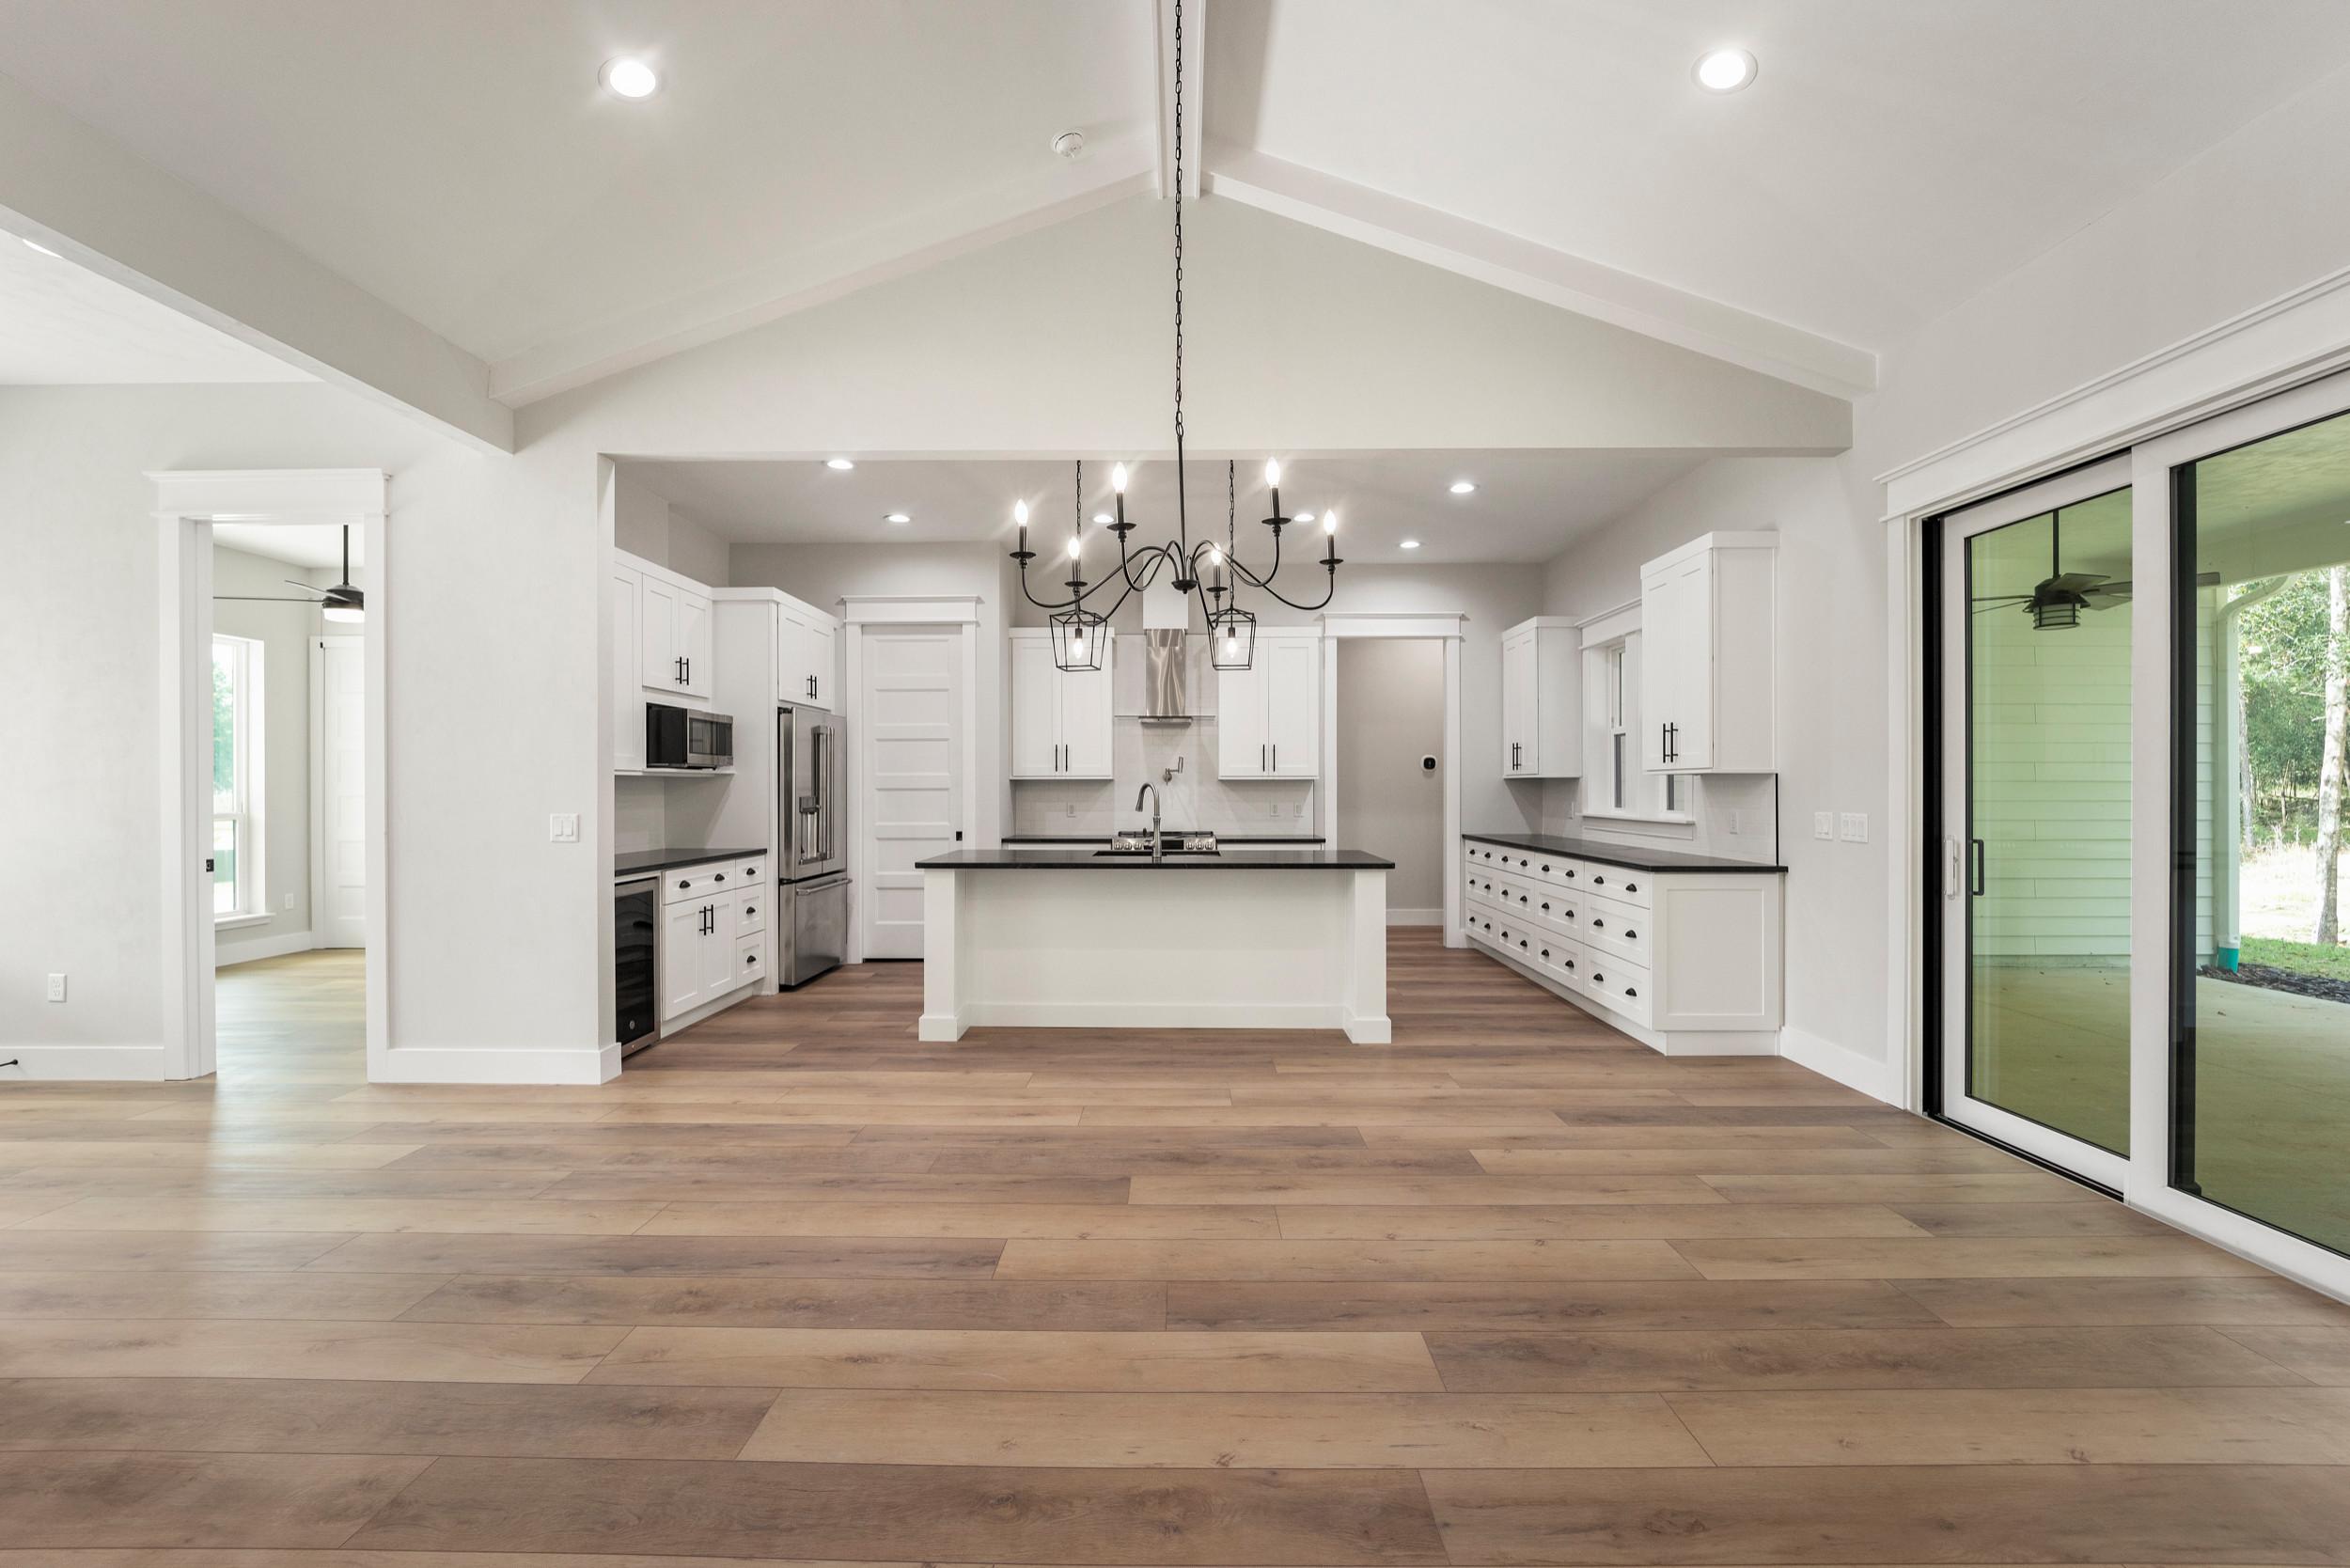 Custom Home - The Lynn Model 2,236 - High Springs, FL